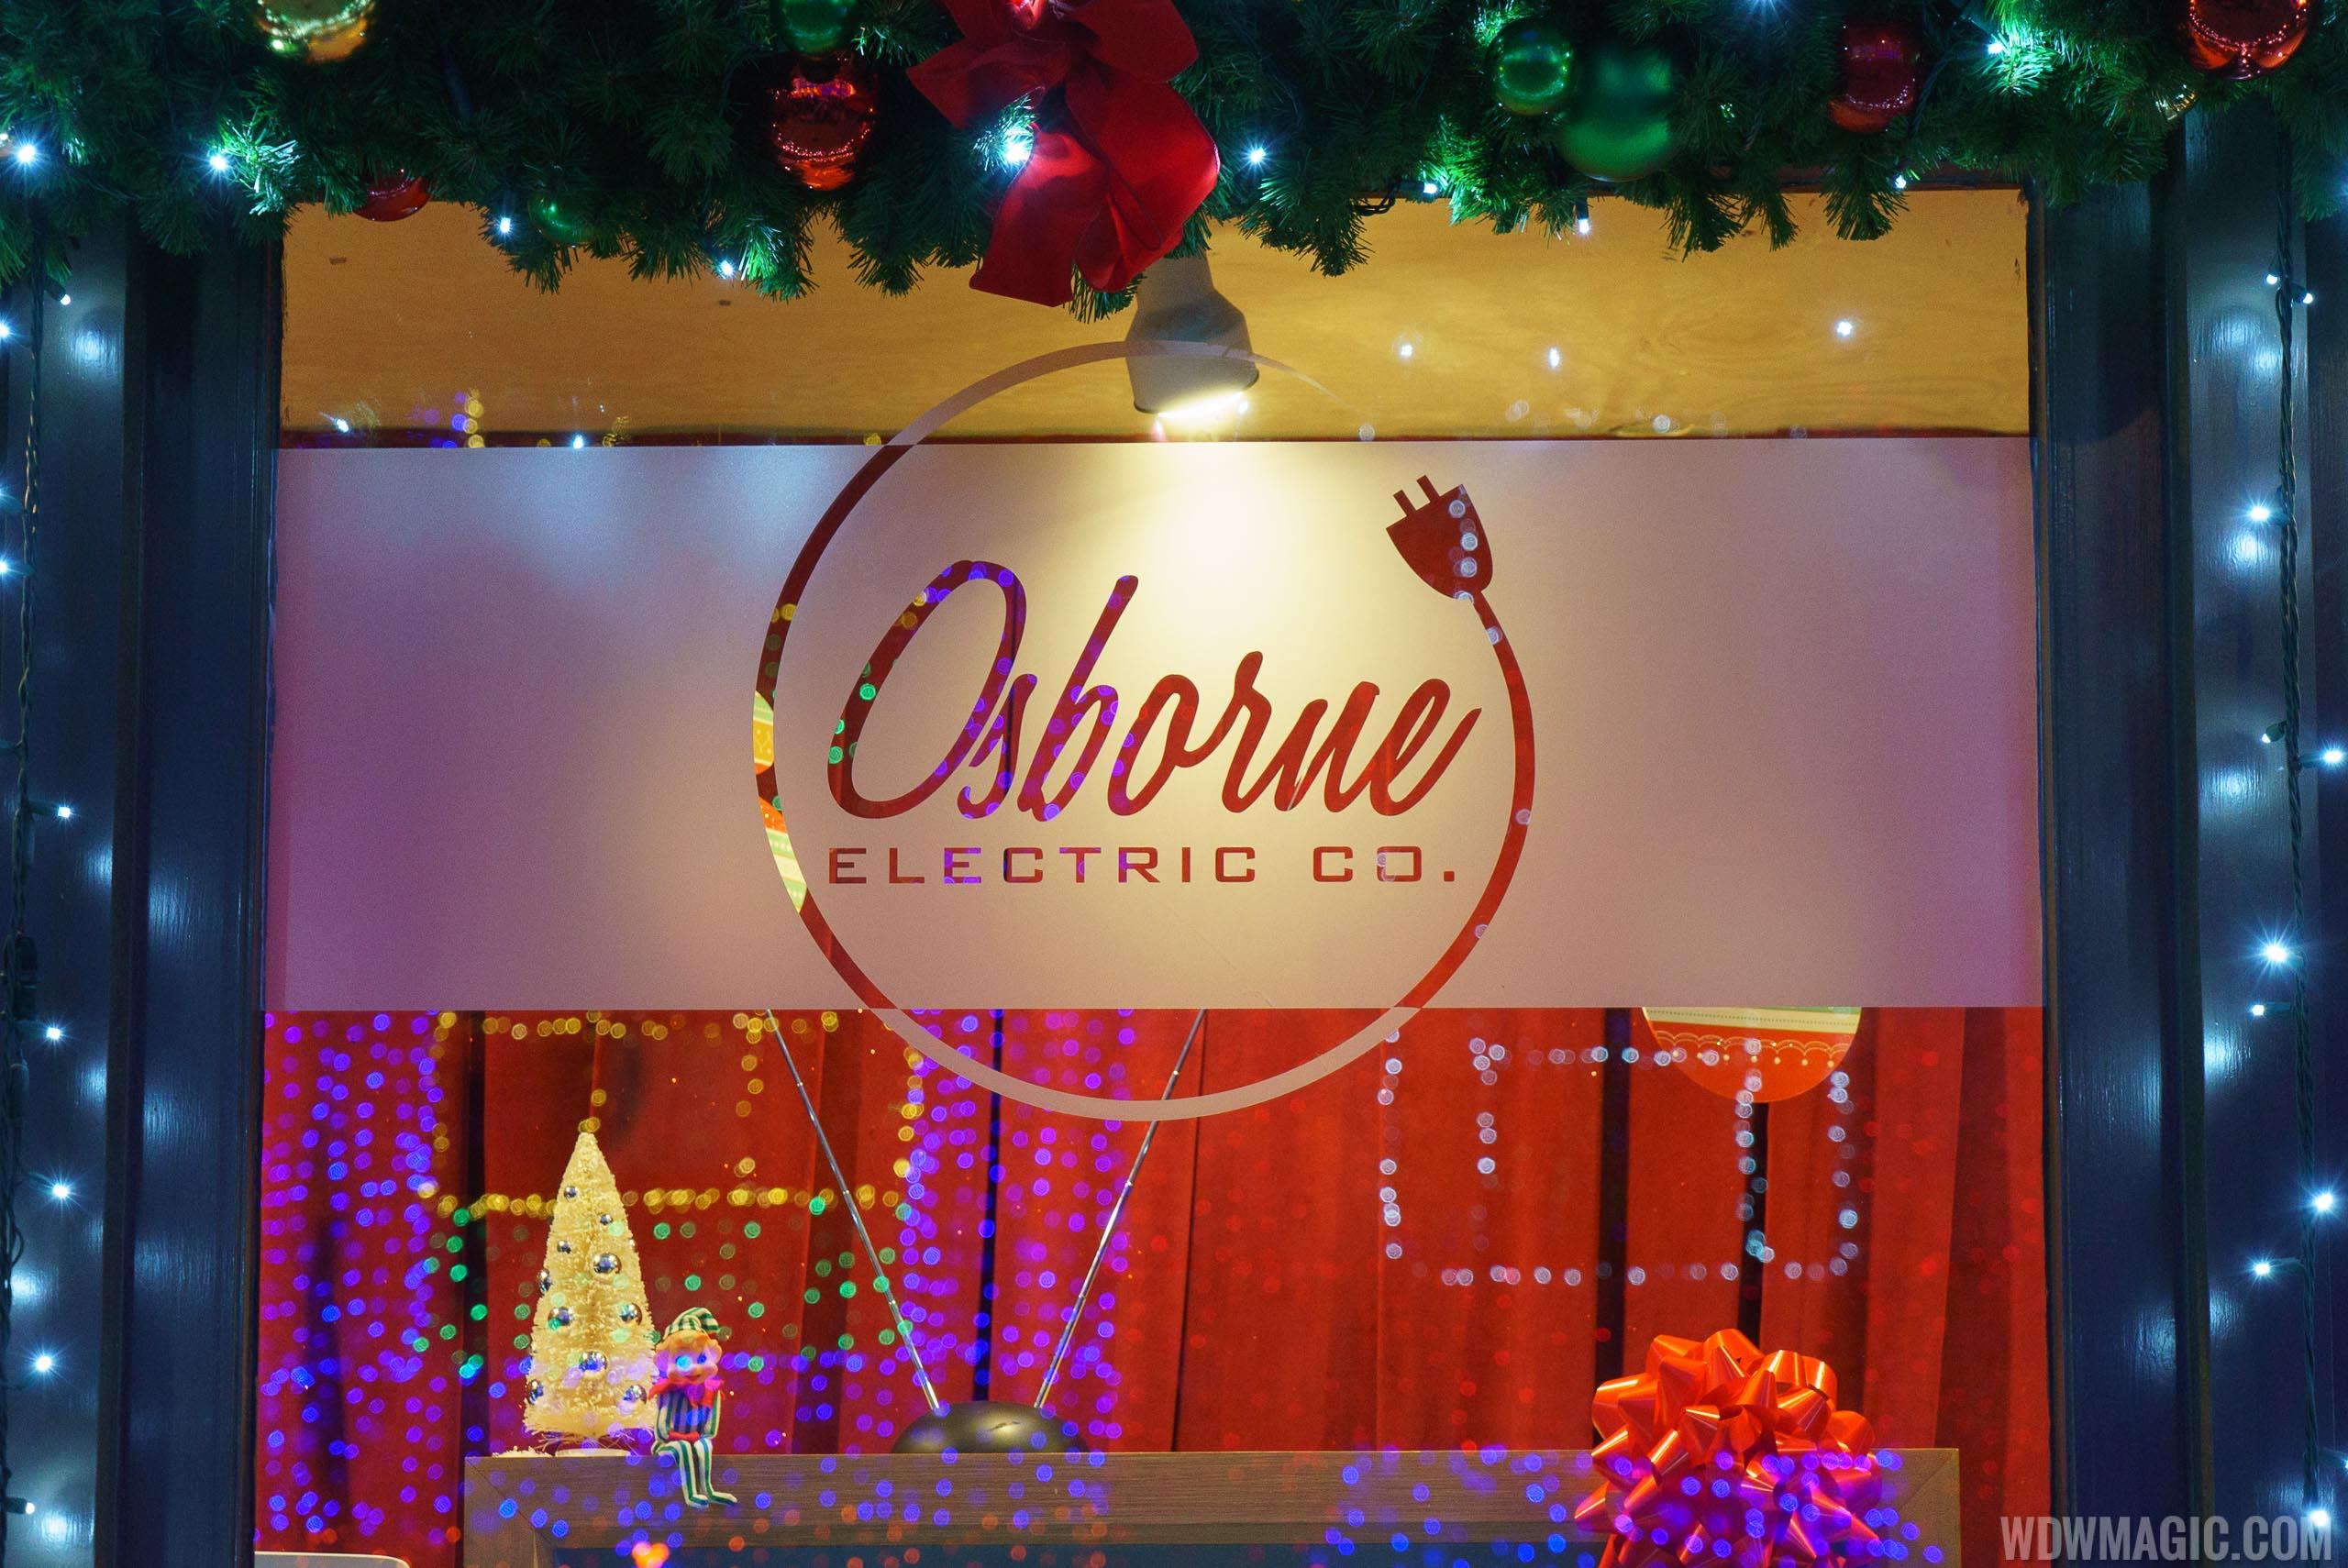 Osborne Electric Co. window display